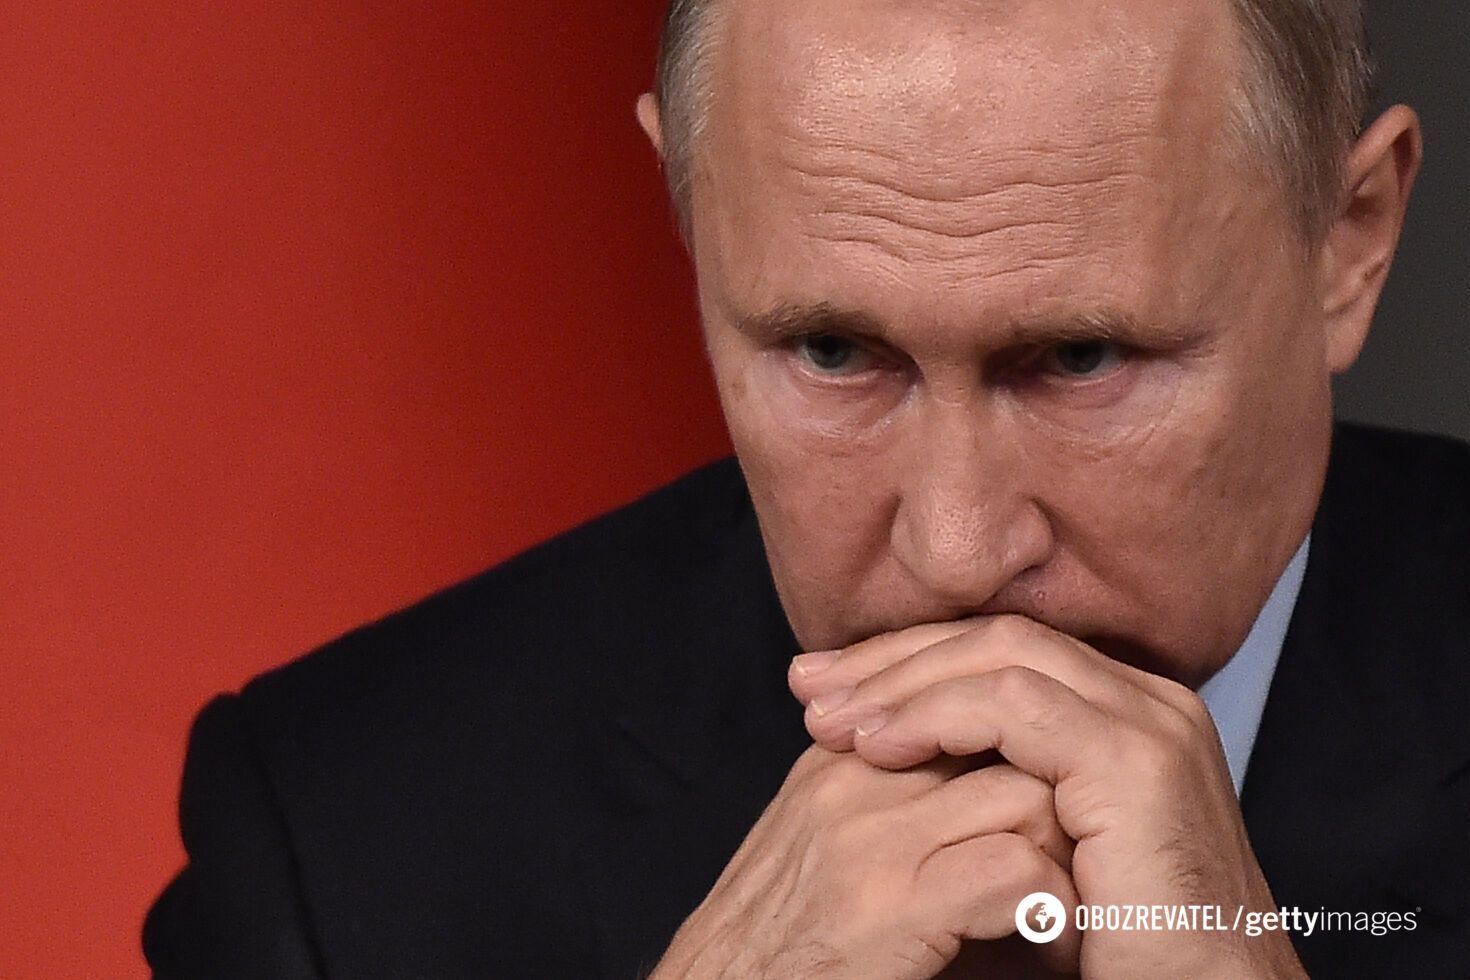 Российский президент Владимир Путин может находиться в затруднительном положении